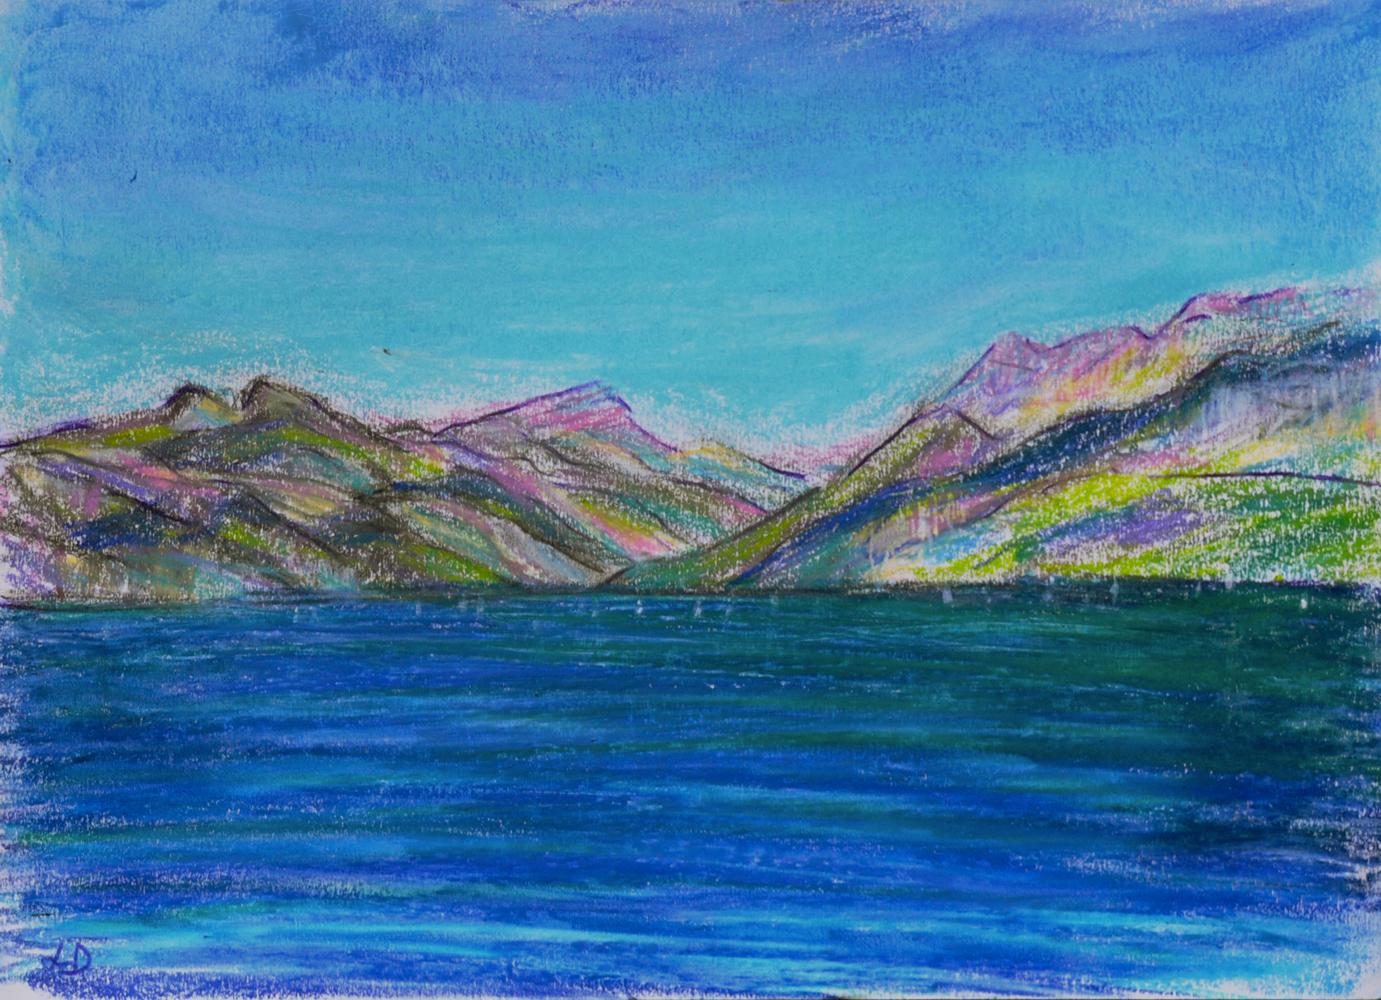 Lac Léman, St Prex no. 3. Pastel à la cire sur papier, 21x30, 2018